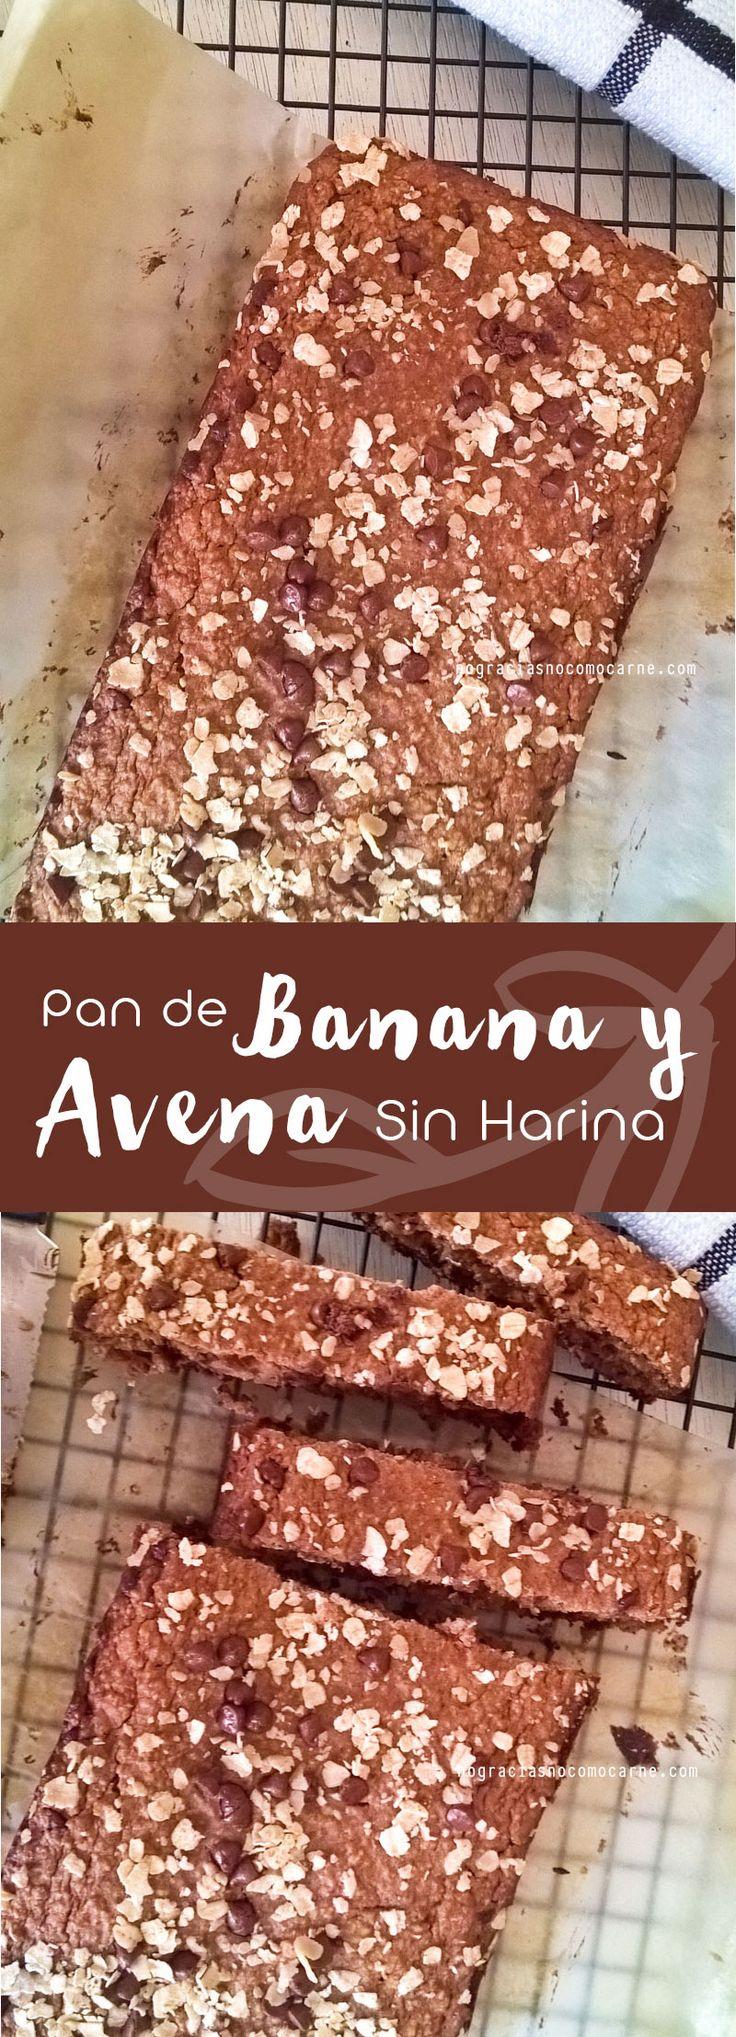 Delicioso pan de banana sin harina refinada, preparado con avena, que es saludable para el corazón, y con crema de maní. Toma solo 10 minutos prepararlo en la licuadora.